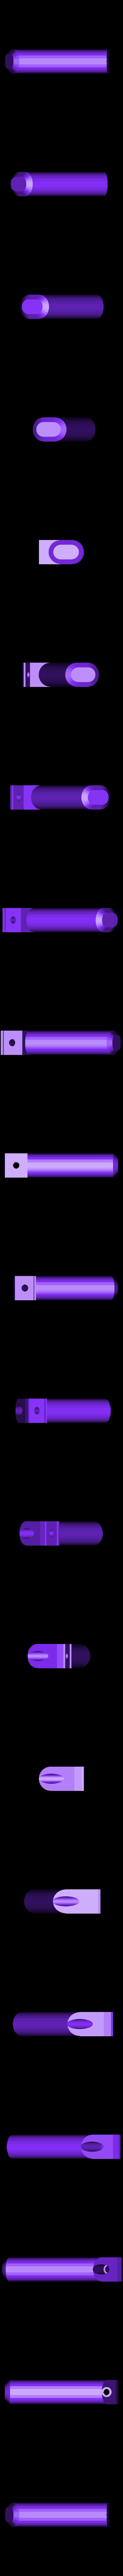 Ep_Poignee_Sup.stl Download STL file Shoulder pad for DSLR type GH4, 5D • 3D print design, Smile